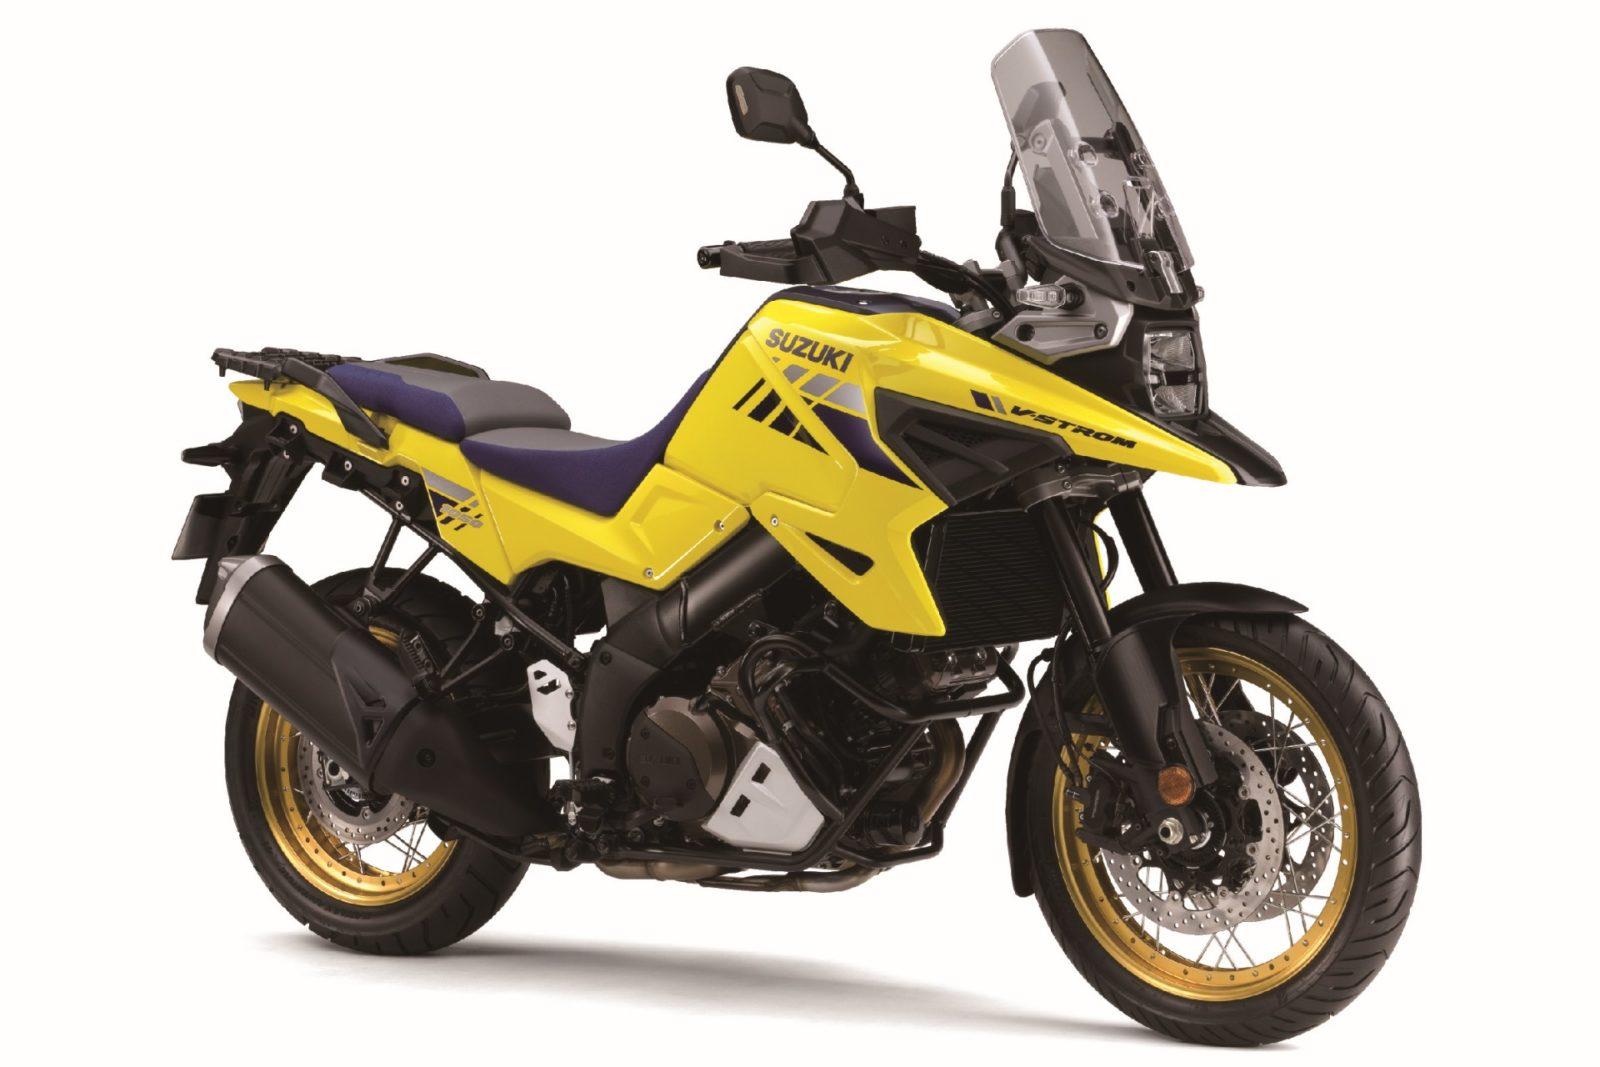 Suzuki-DL-V-strom-XT-1050-yellow